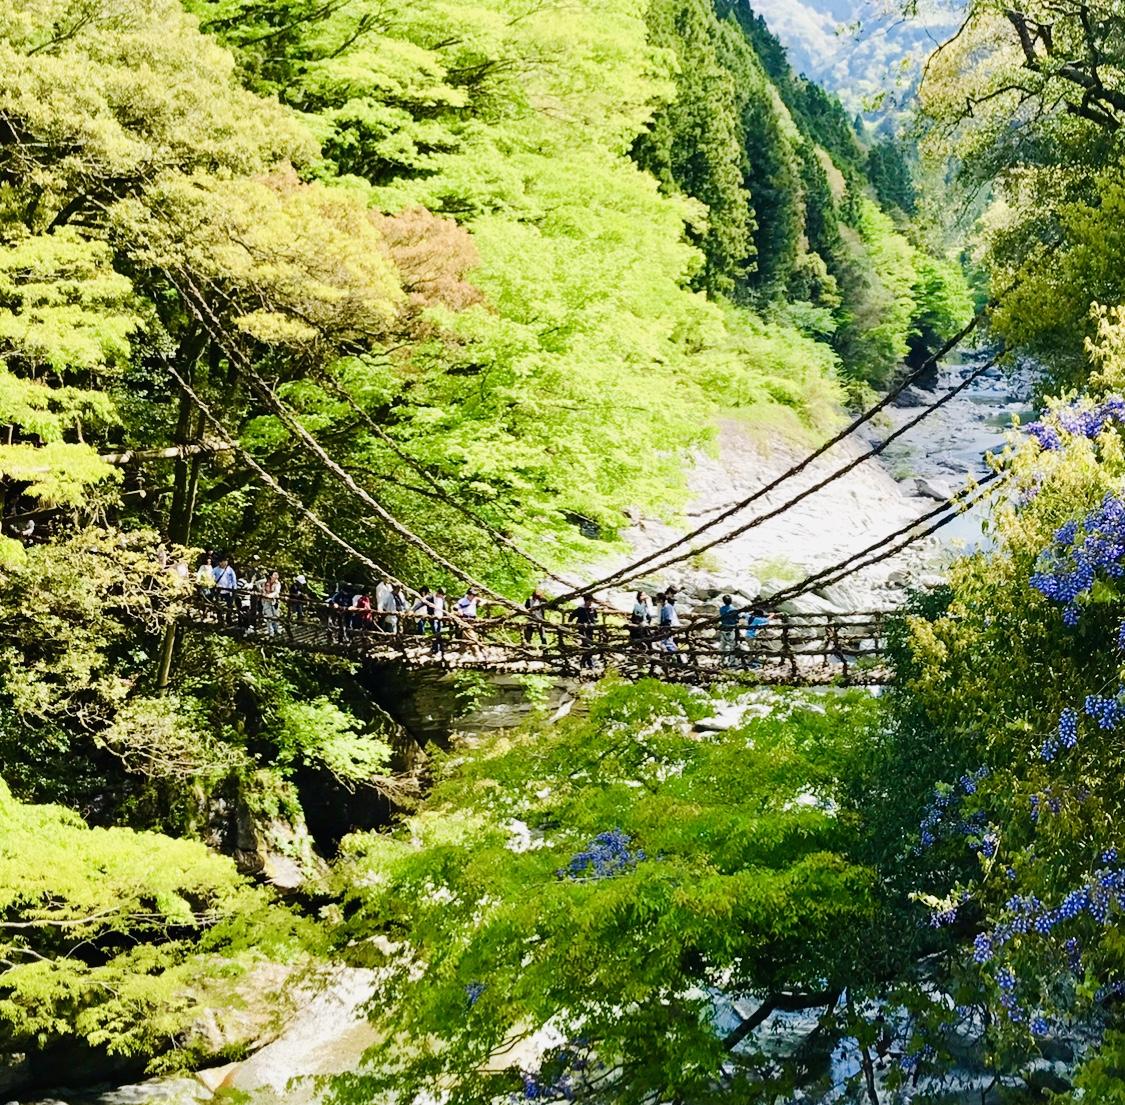 【女子旅におすすめ】徳島県に来たら外せない!癒しの絶景スポット《祖谷のかずら橋》★_4